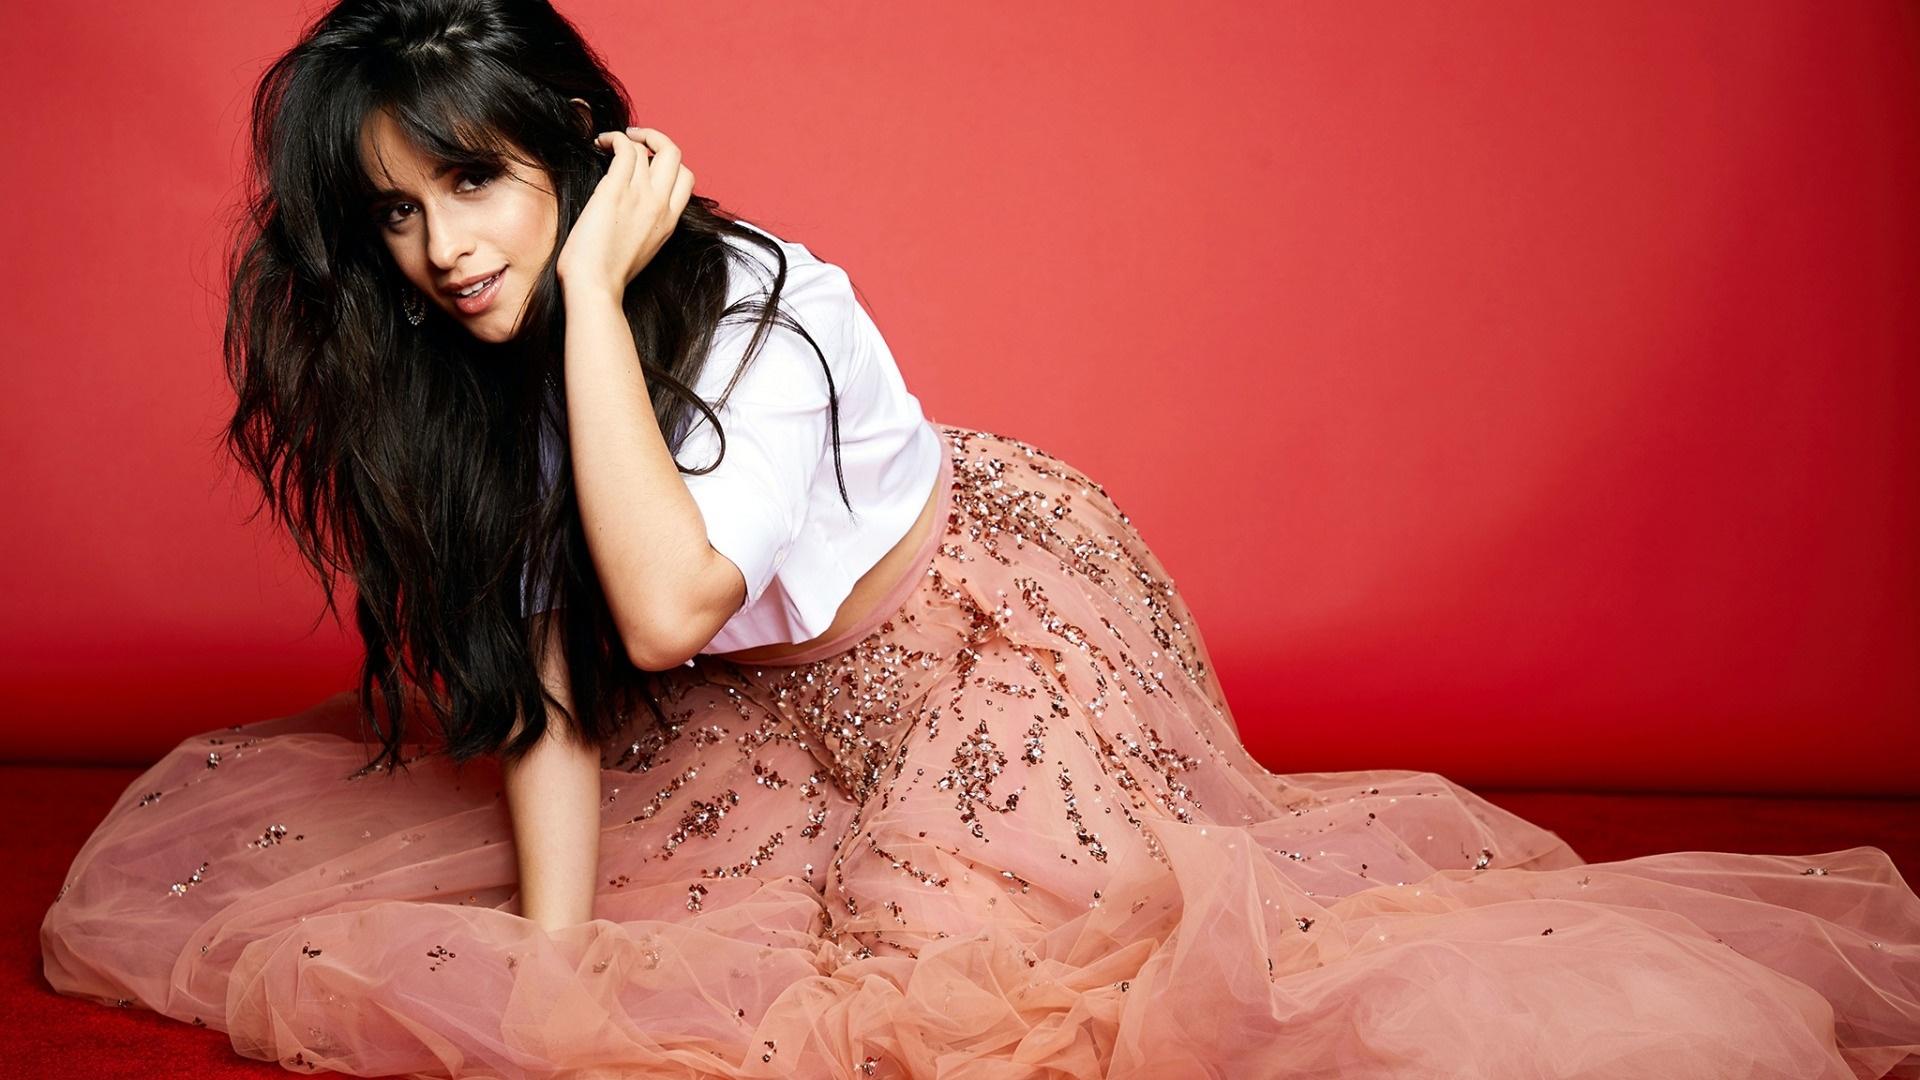 Camila Cabello Download Wallpaper